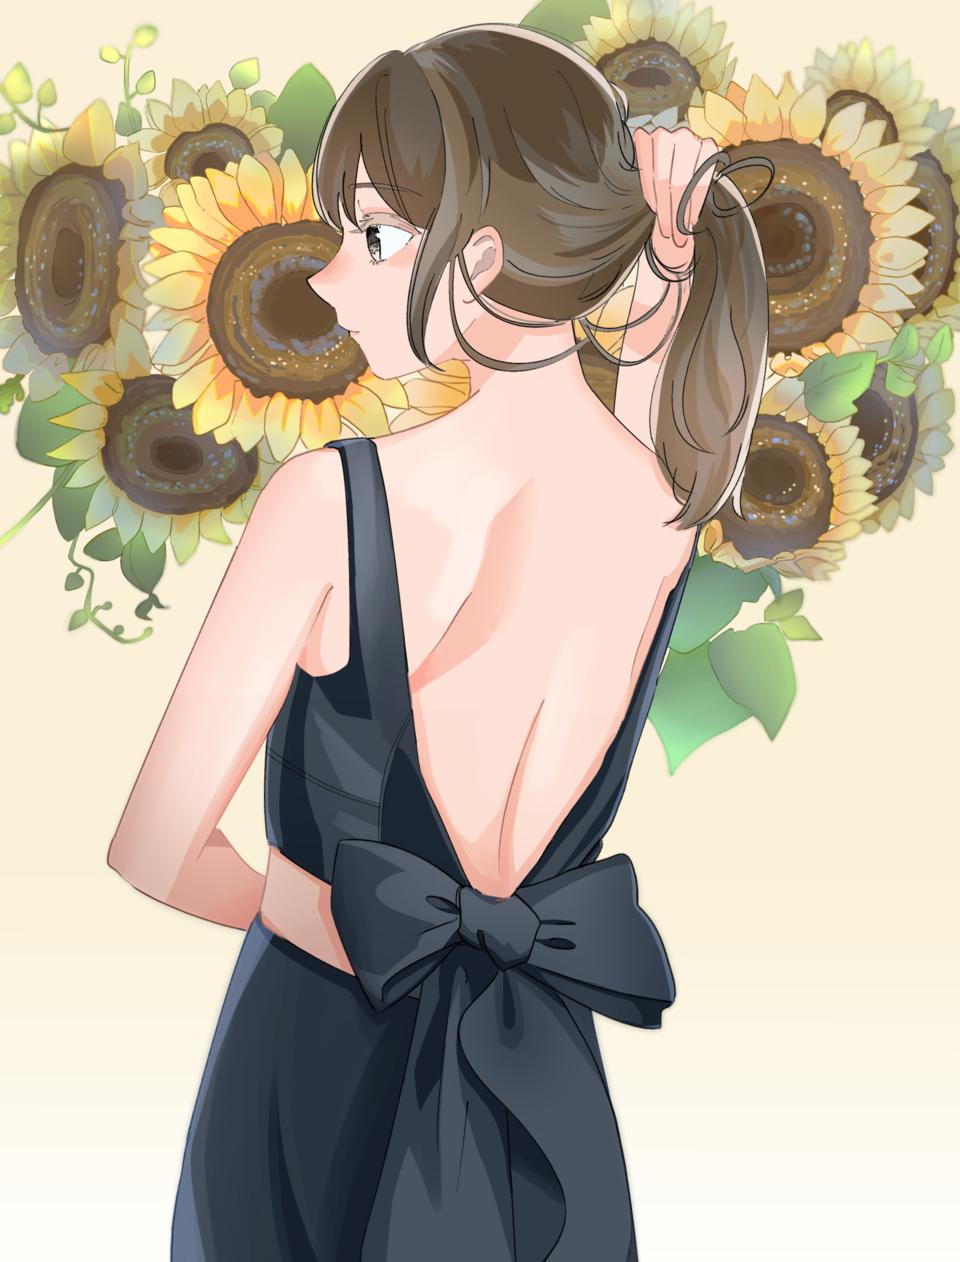 太陽のような Illust of ゆかもり original girl oc medibangpaint summer ひまわり